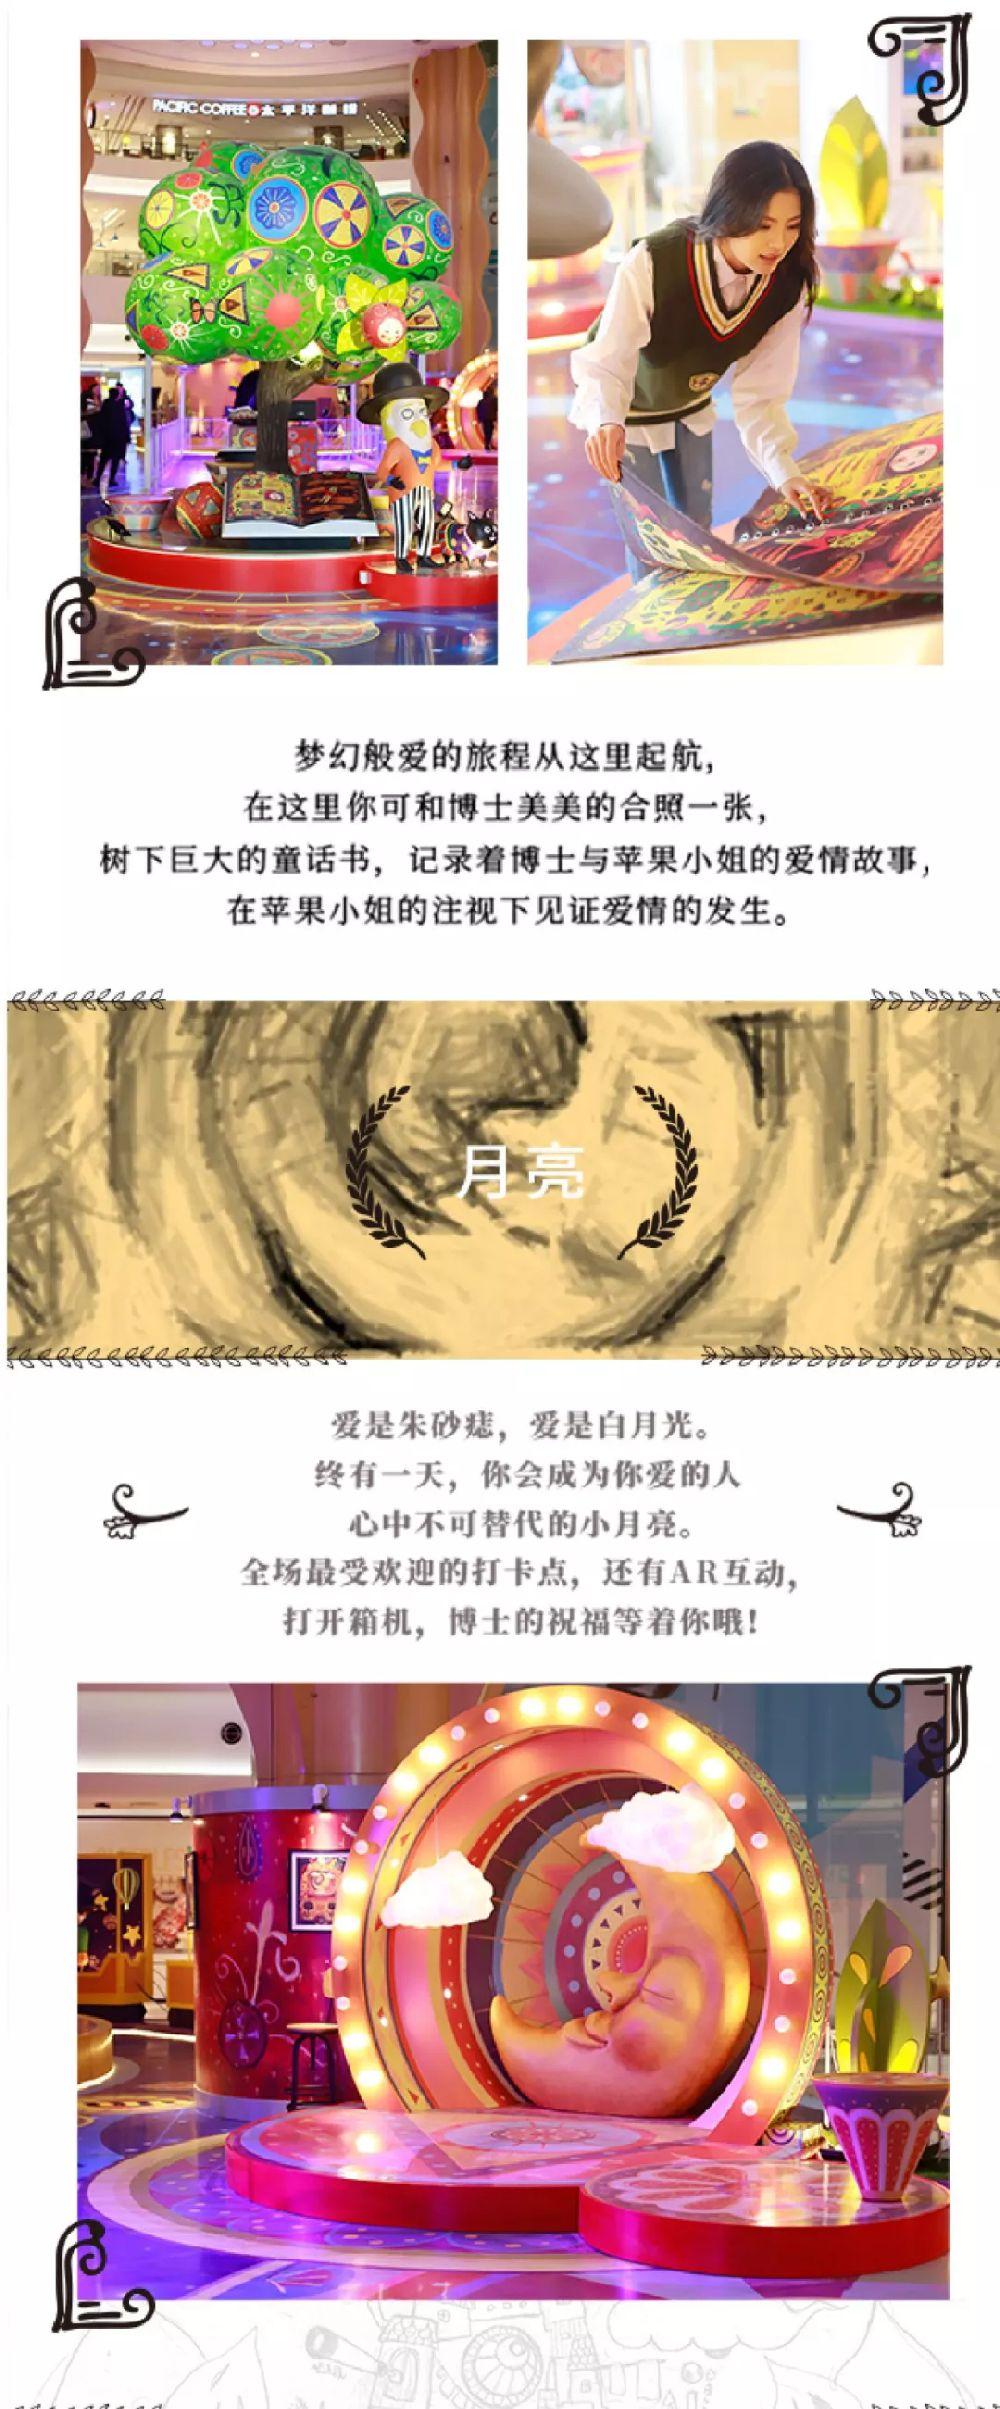 2019成都爱有引力西南首展亮点介绍